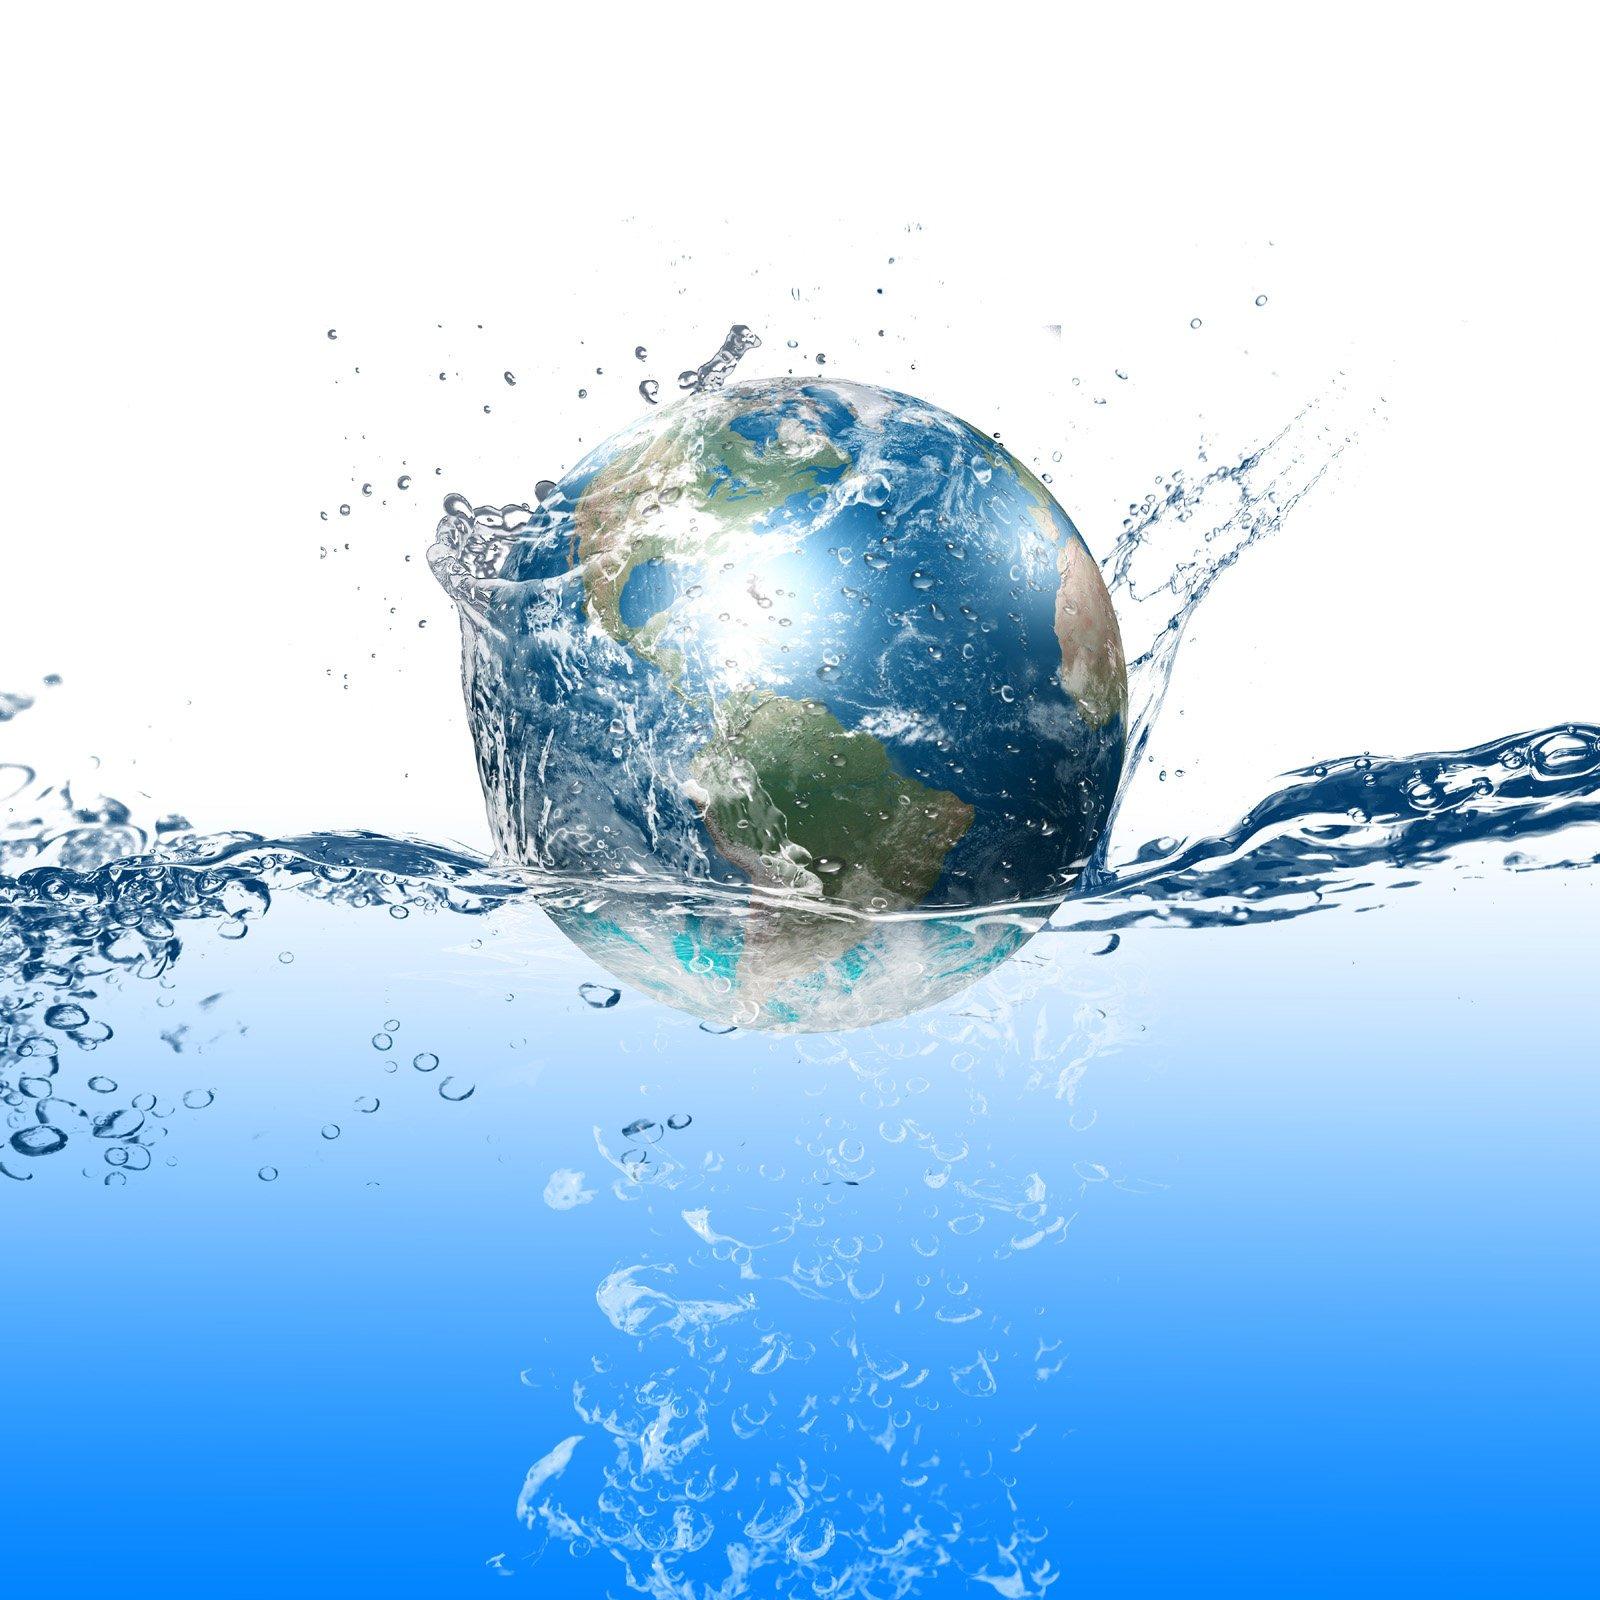 Картинку, открытки любителям воды